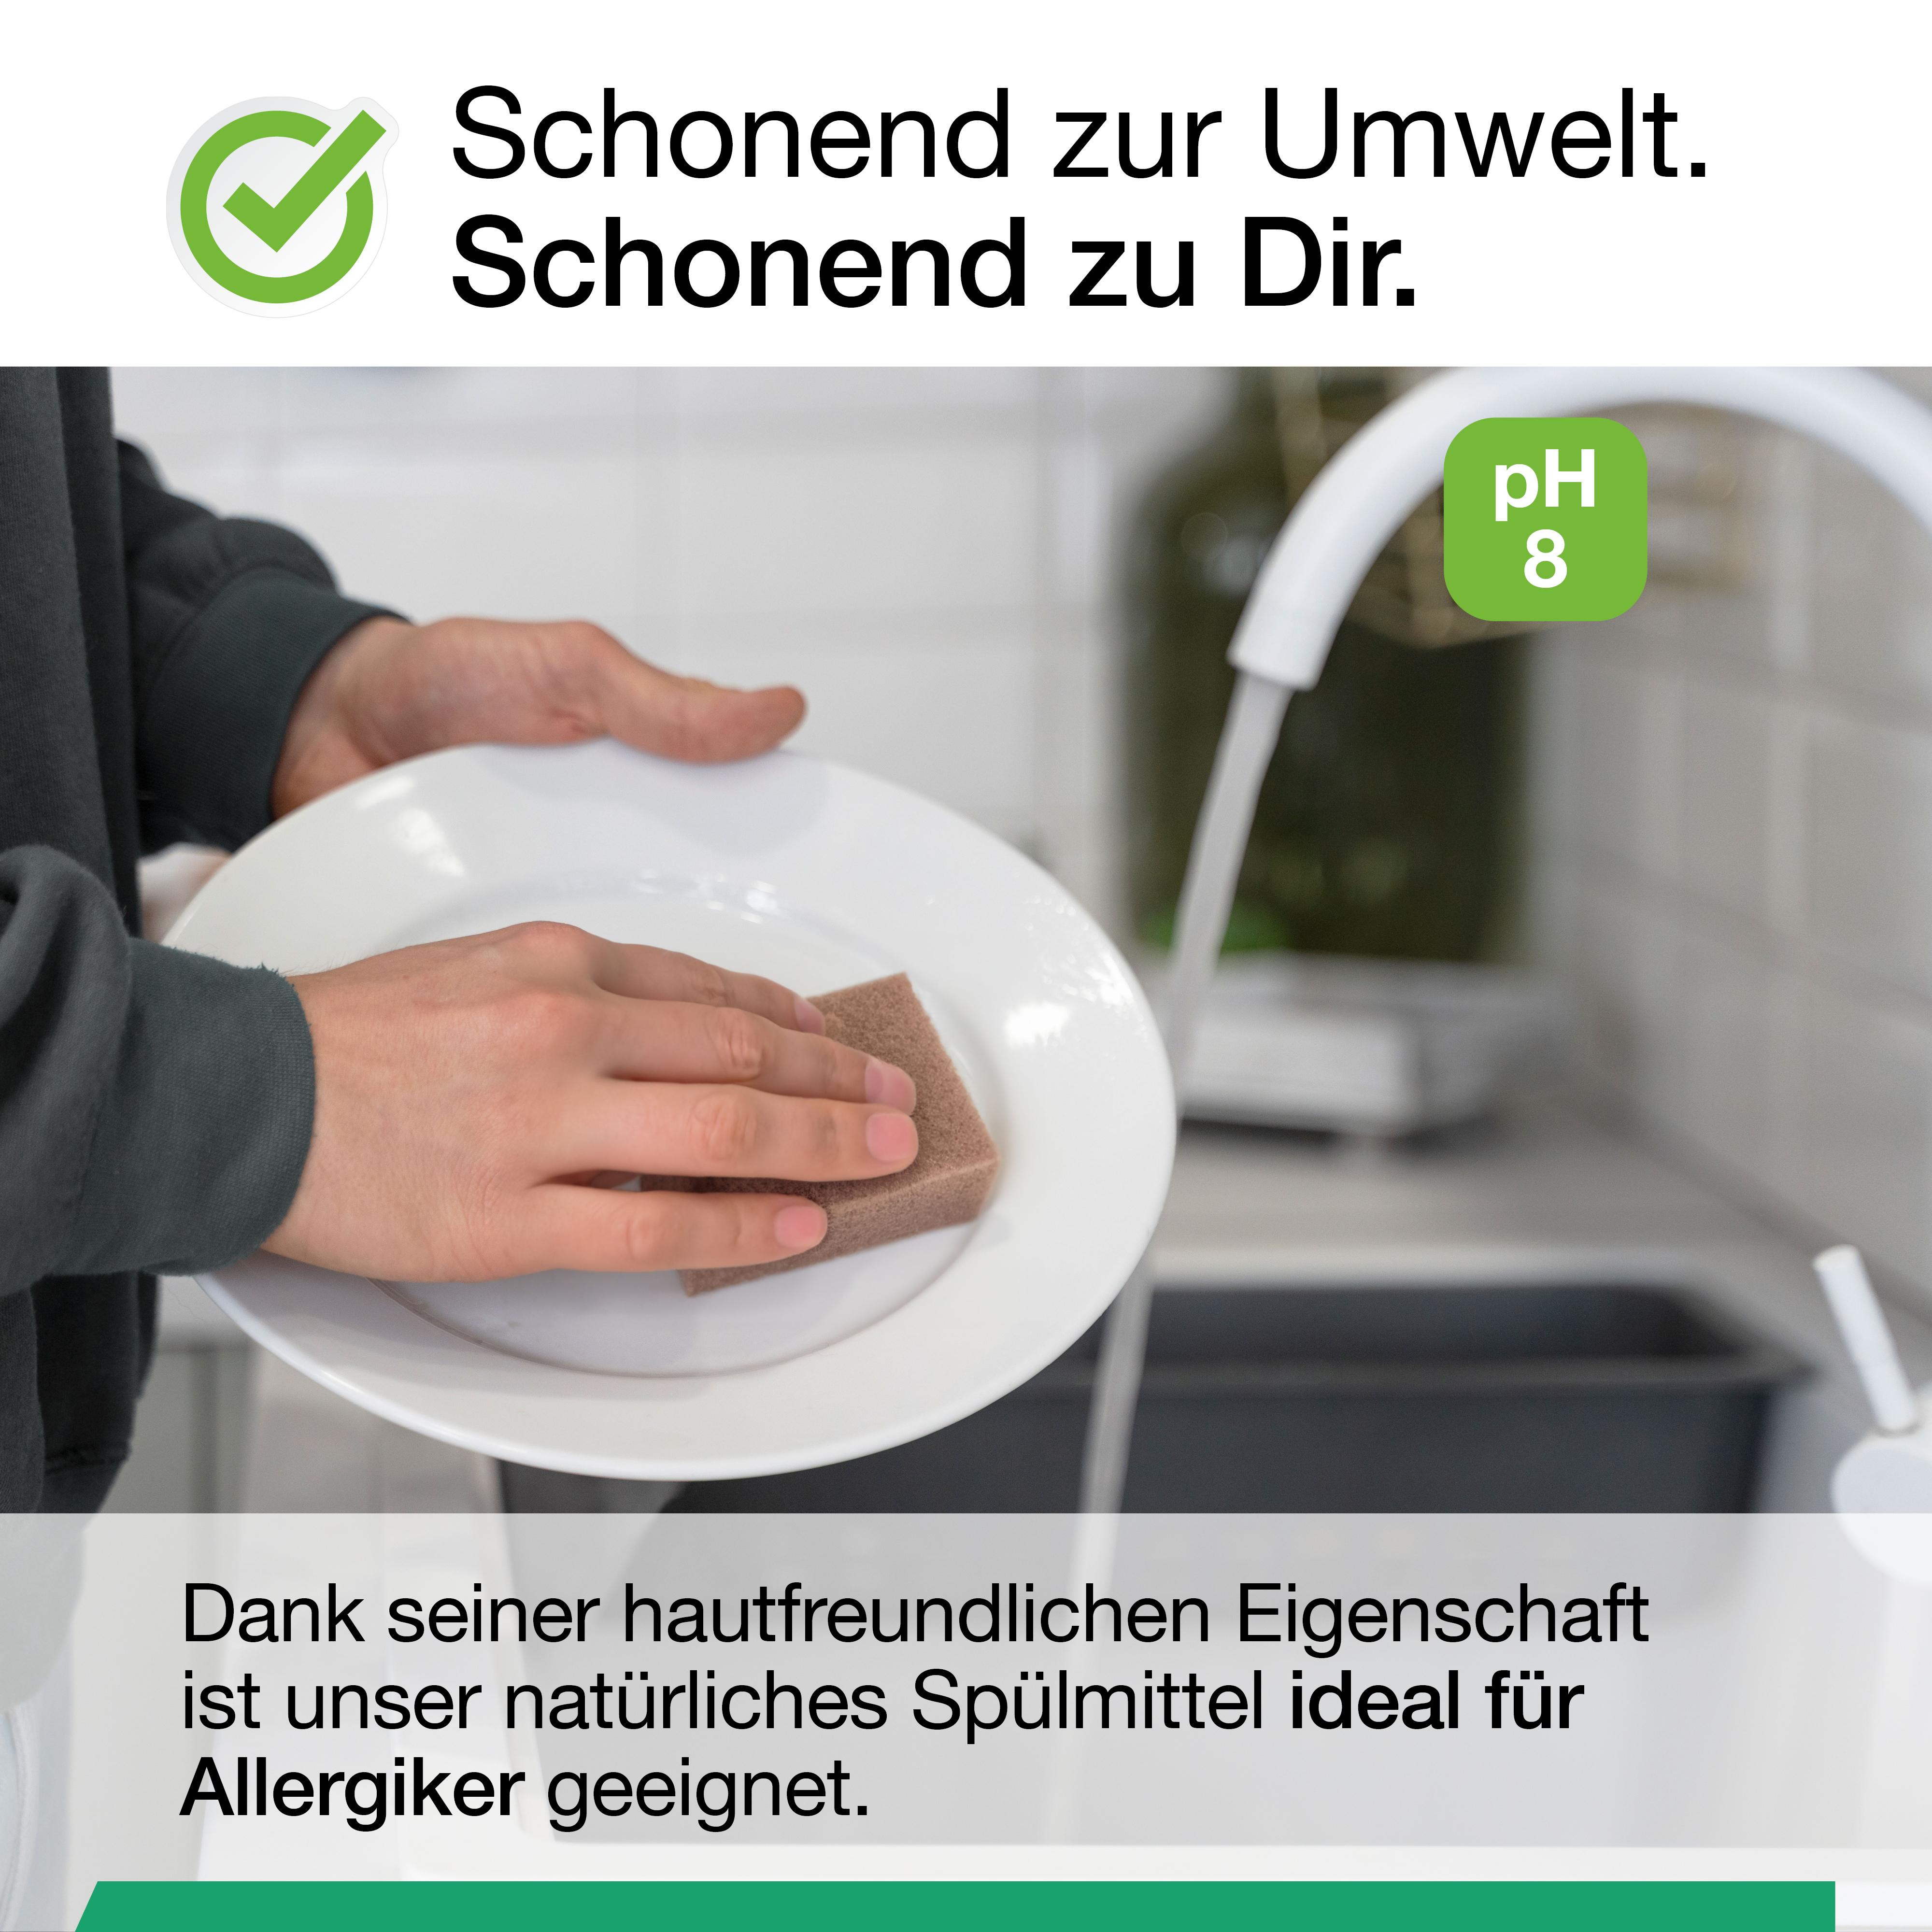 biohy-spuelmittel-beschreibung_001